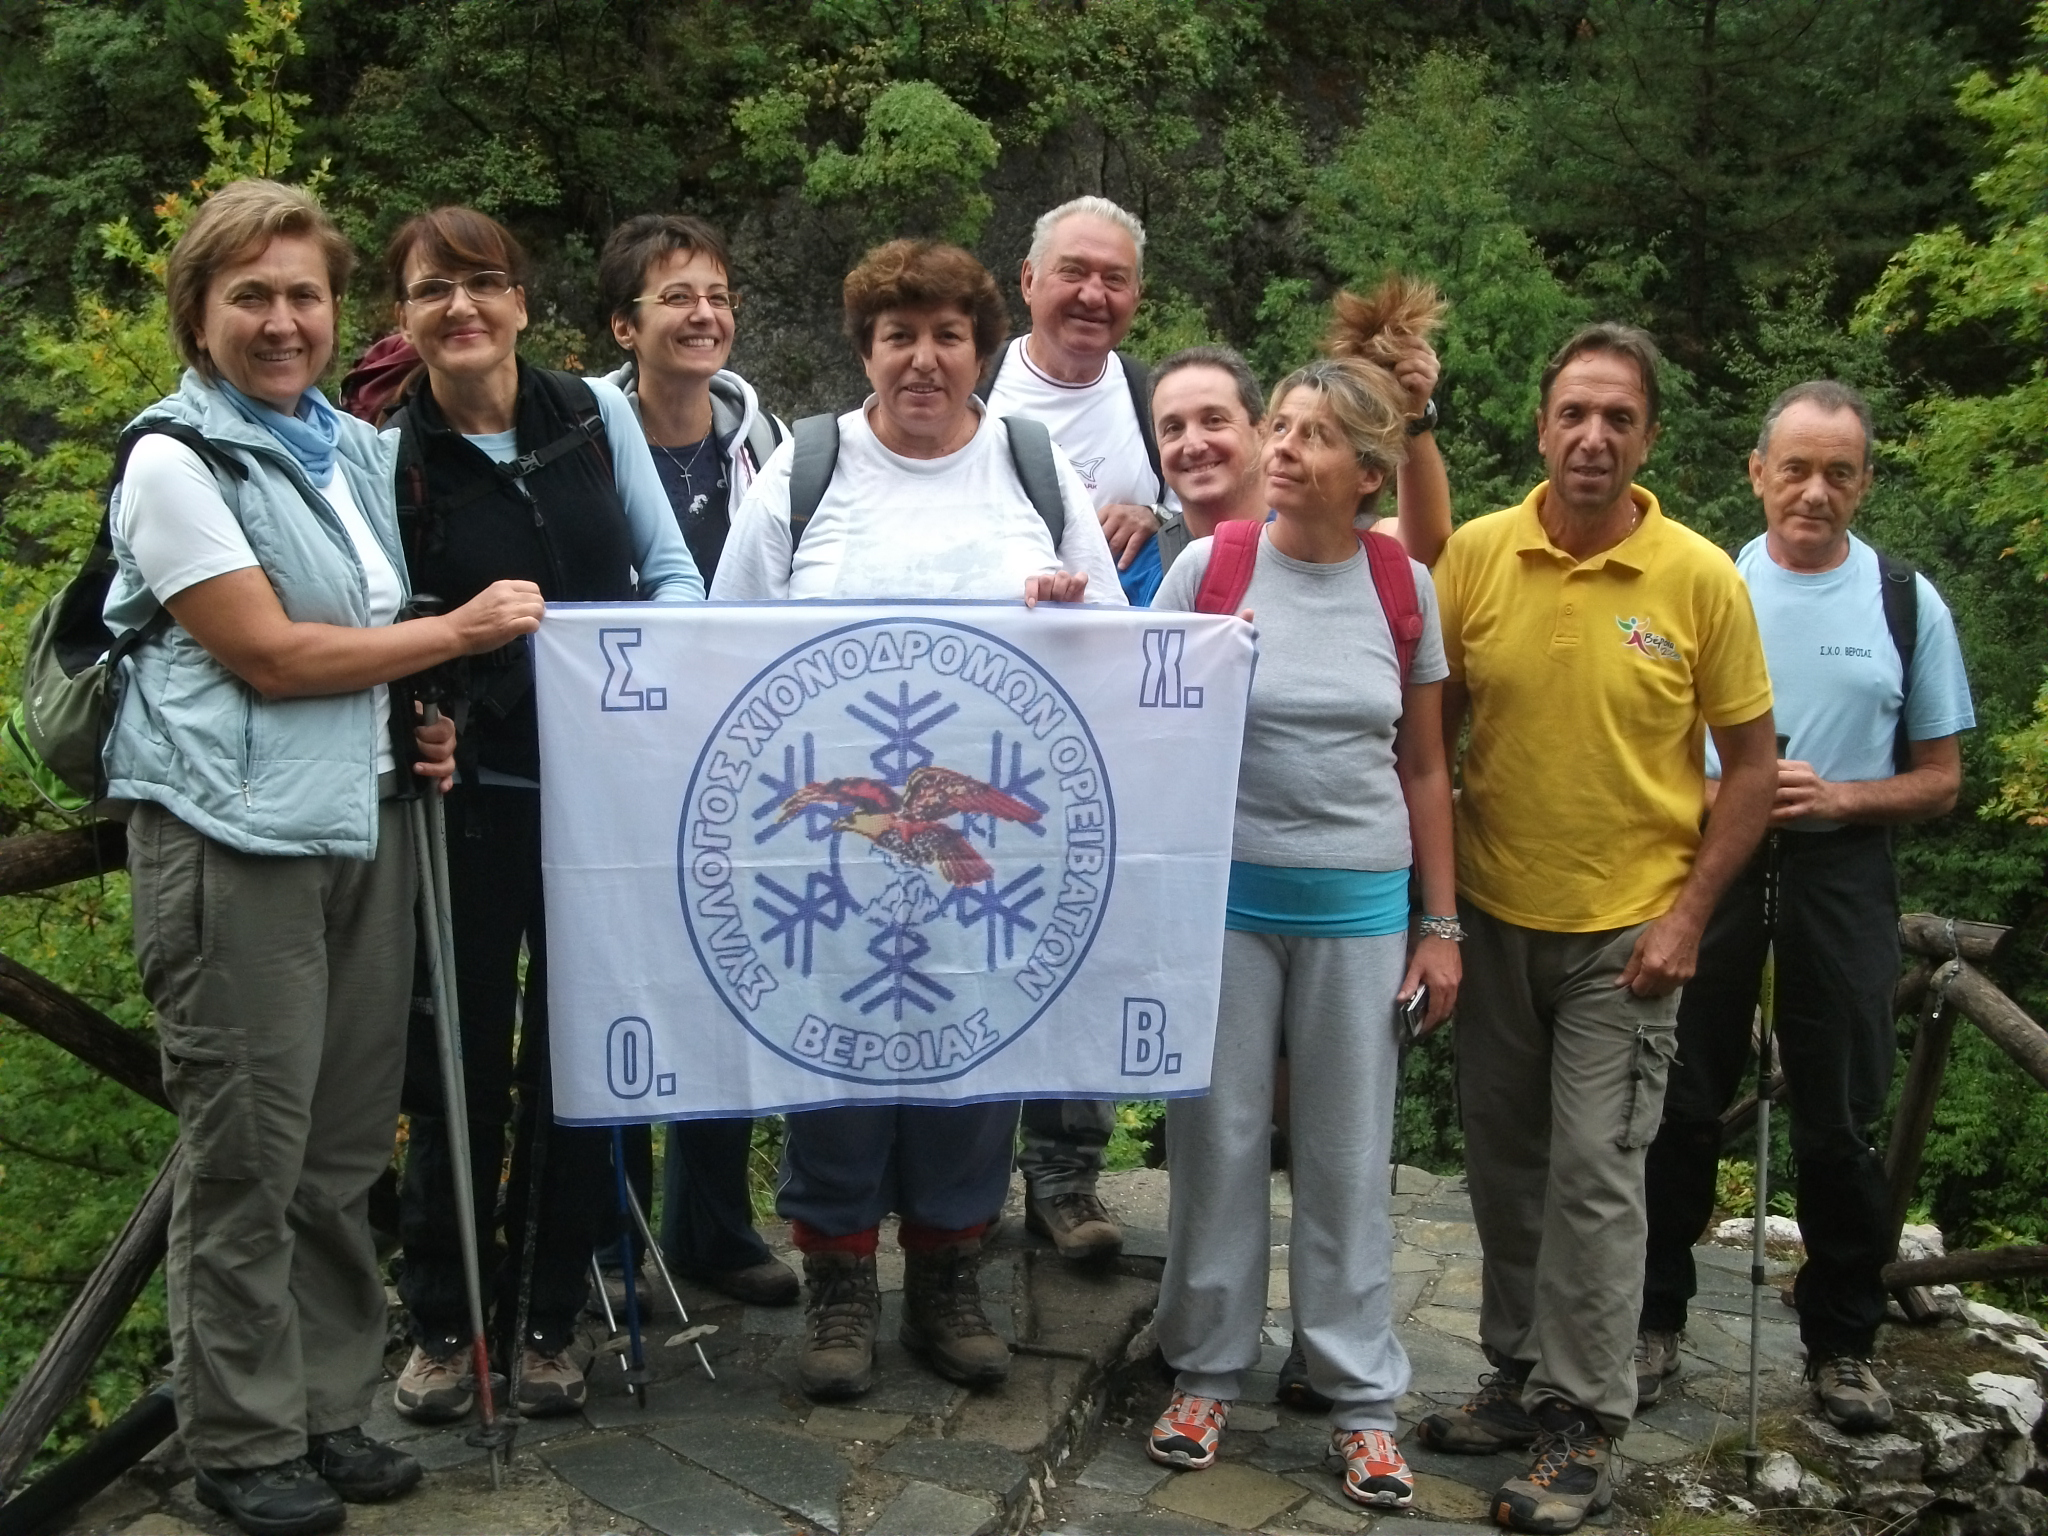 ΛΟΥΤΡΑ ΠΟΖΑΡ  -  ΚΑΤΑΡΡΑΚΤΗΣ  16 ΣΕΠΤΕΜΒΡΙΟΥ 2012